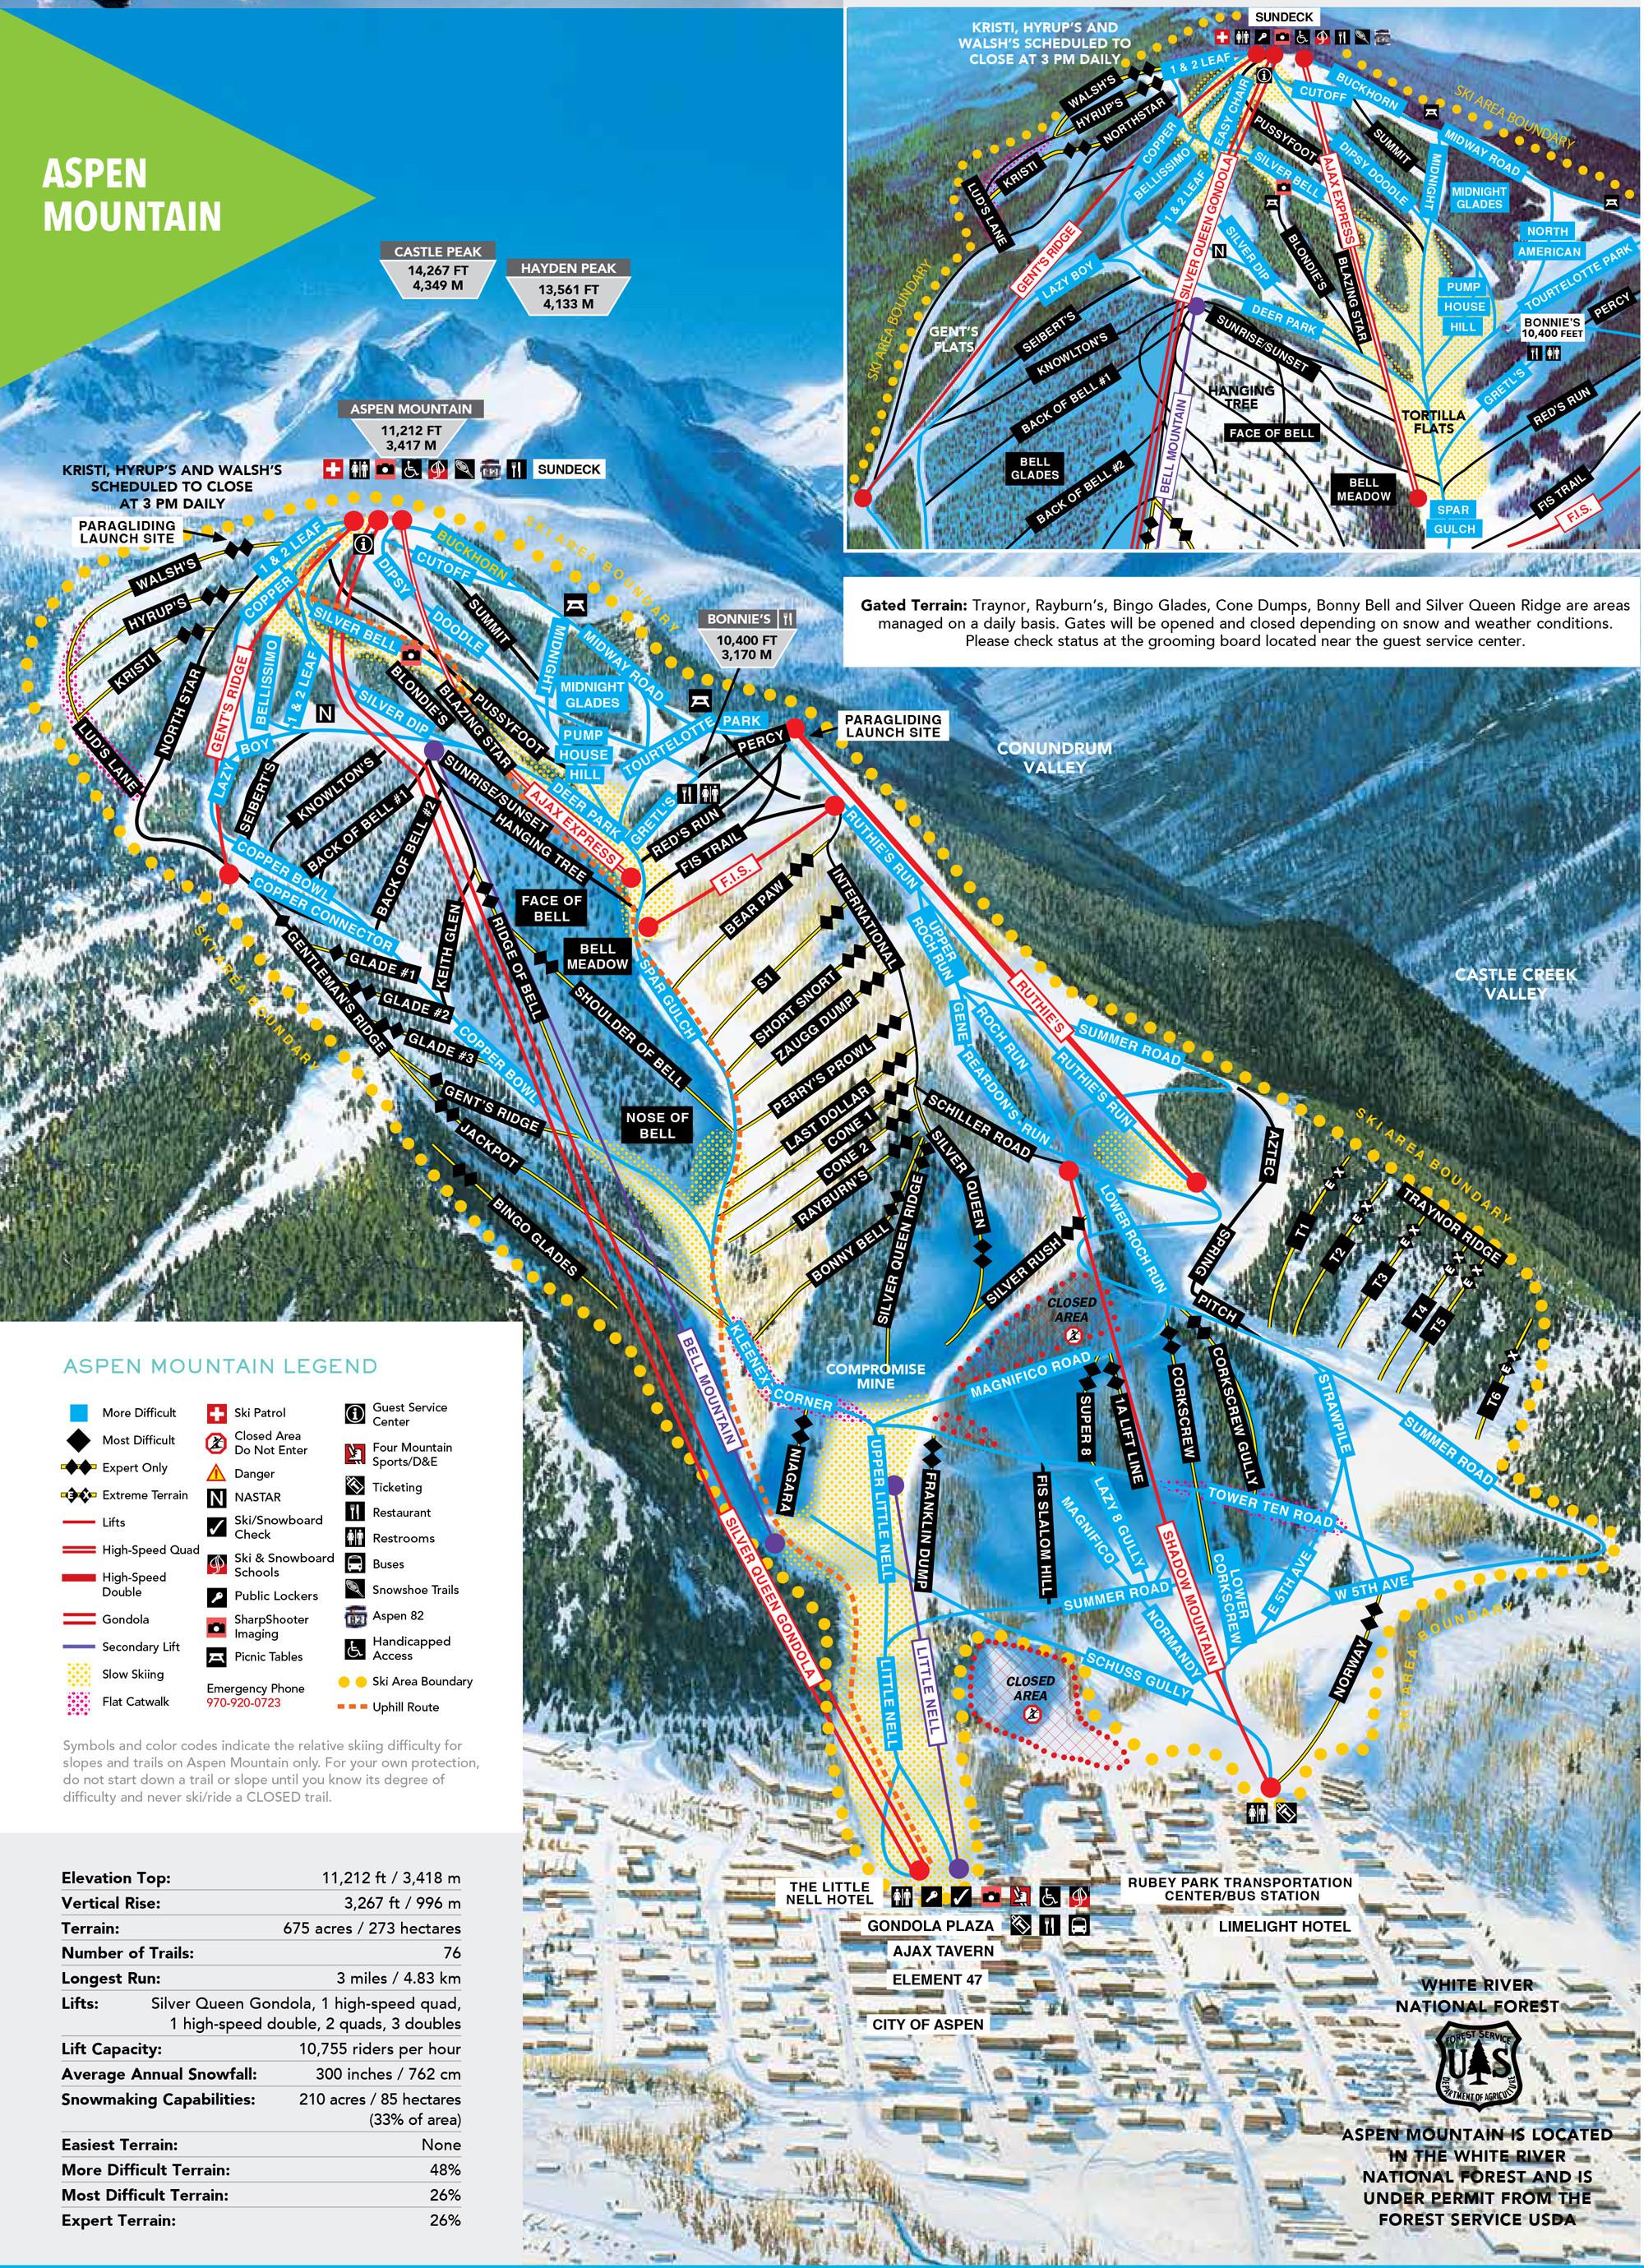 Pistenplan von Aspen Mountain